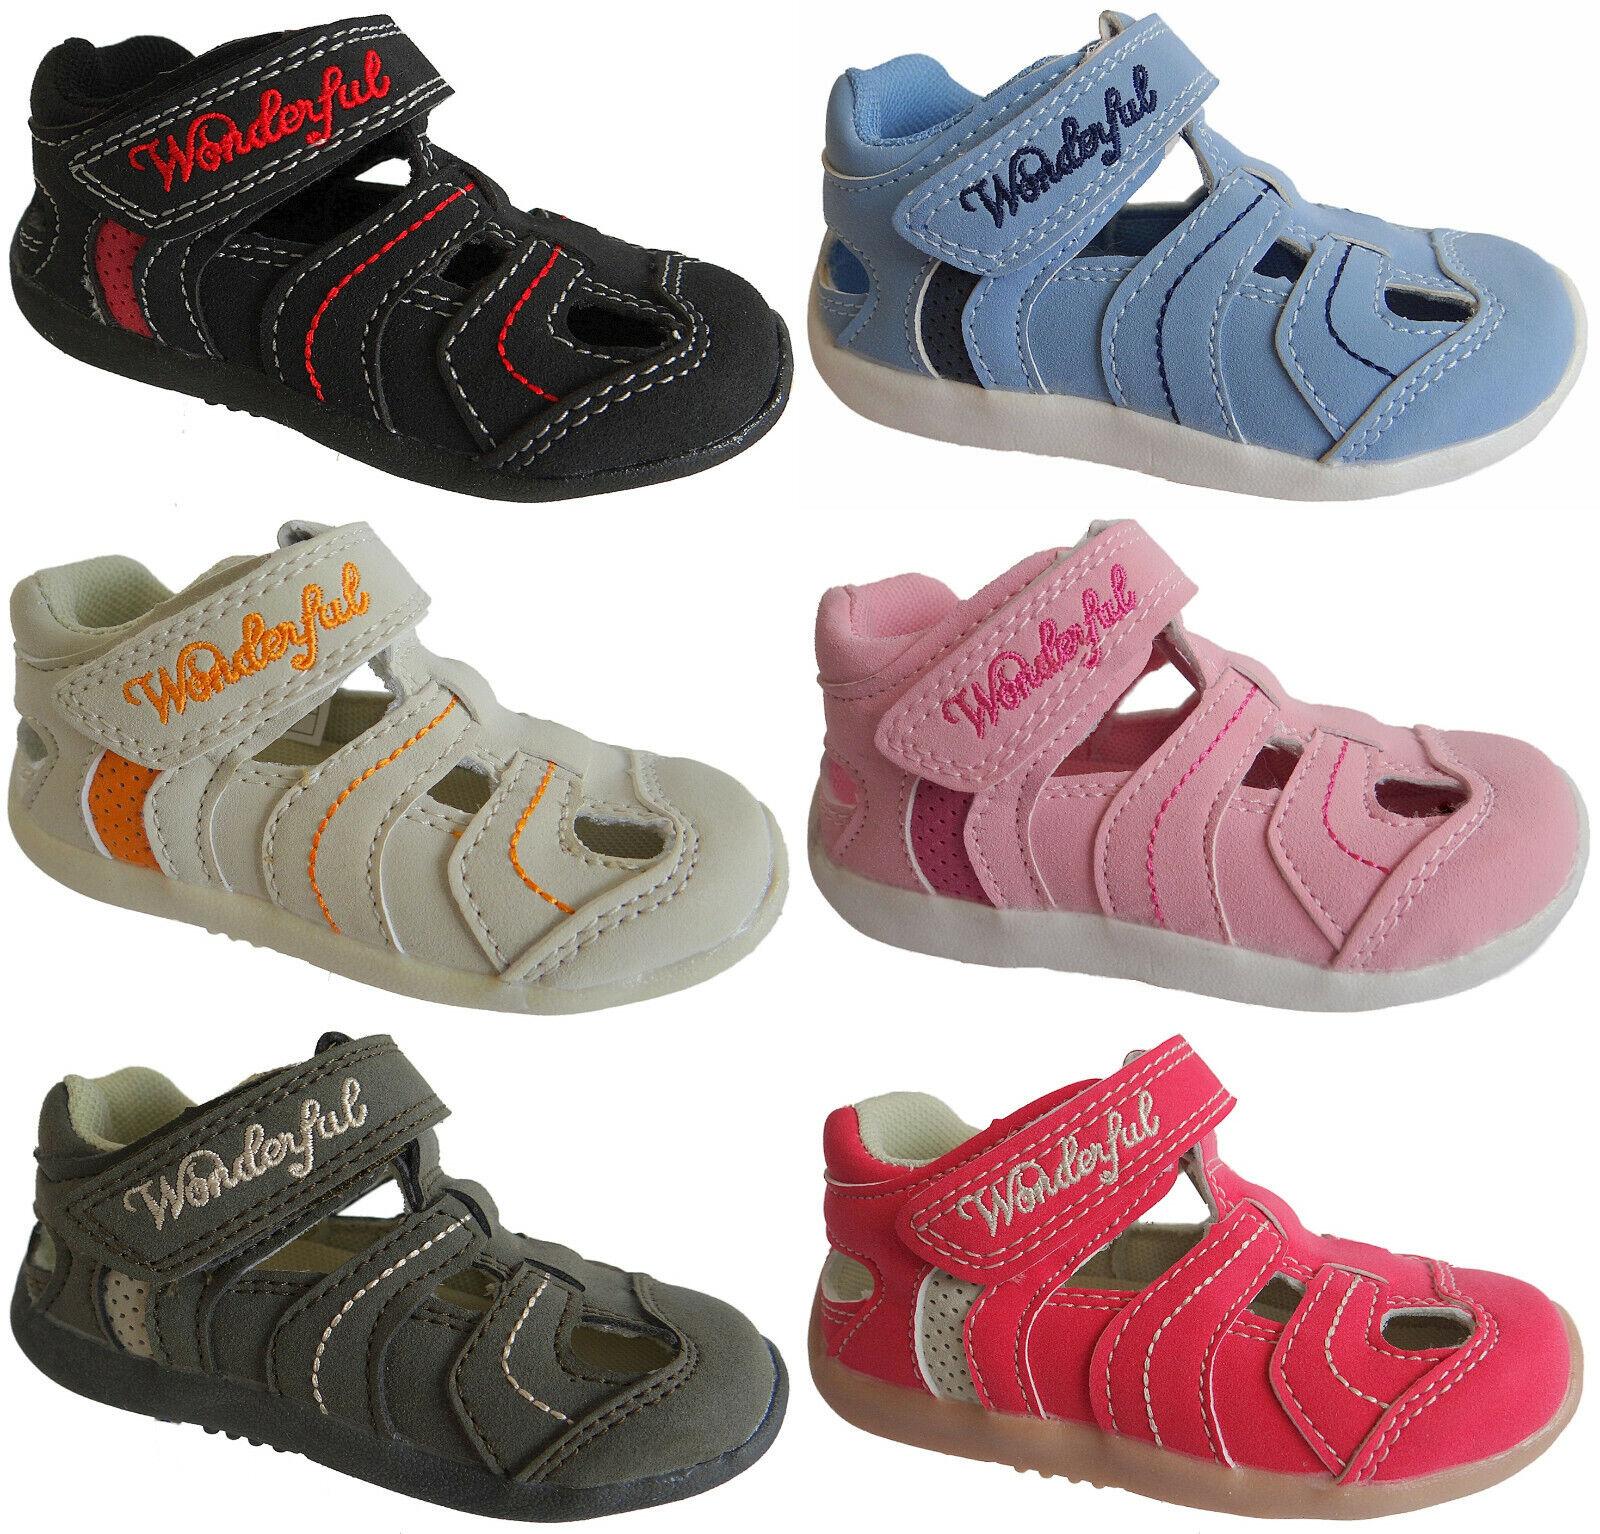 Mädchen Kinder Jungen Schuhe Freizeit Sneaker Sport Gr. 19 - 24 Art.-Nr.8938